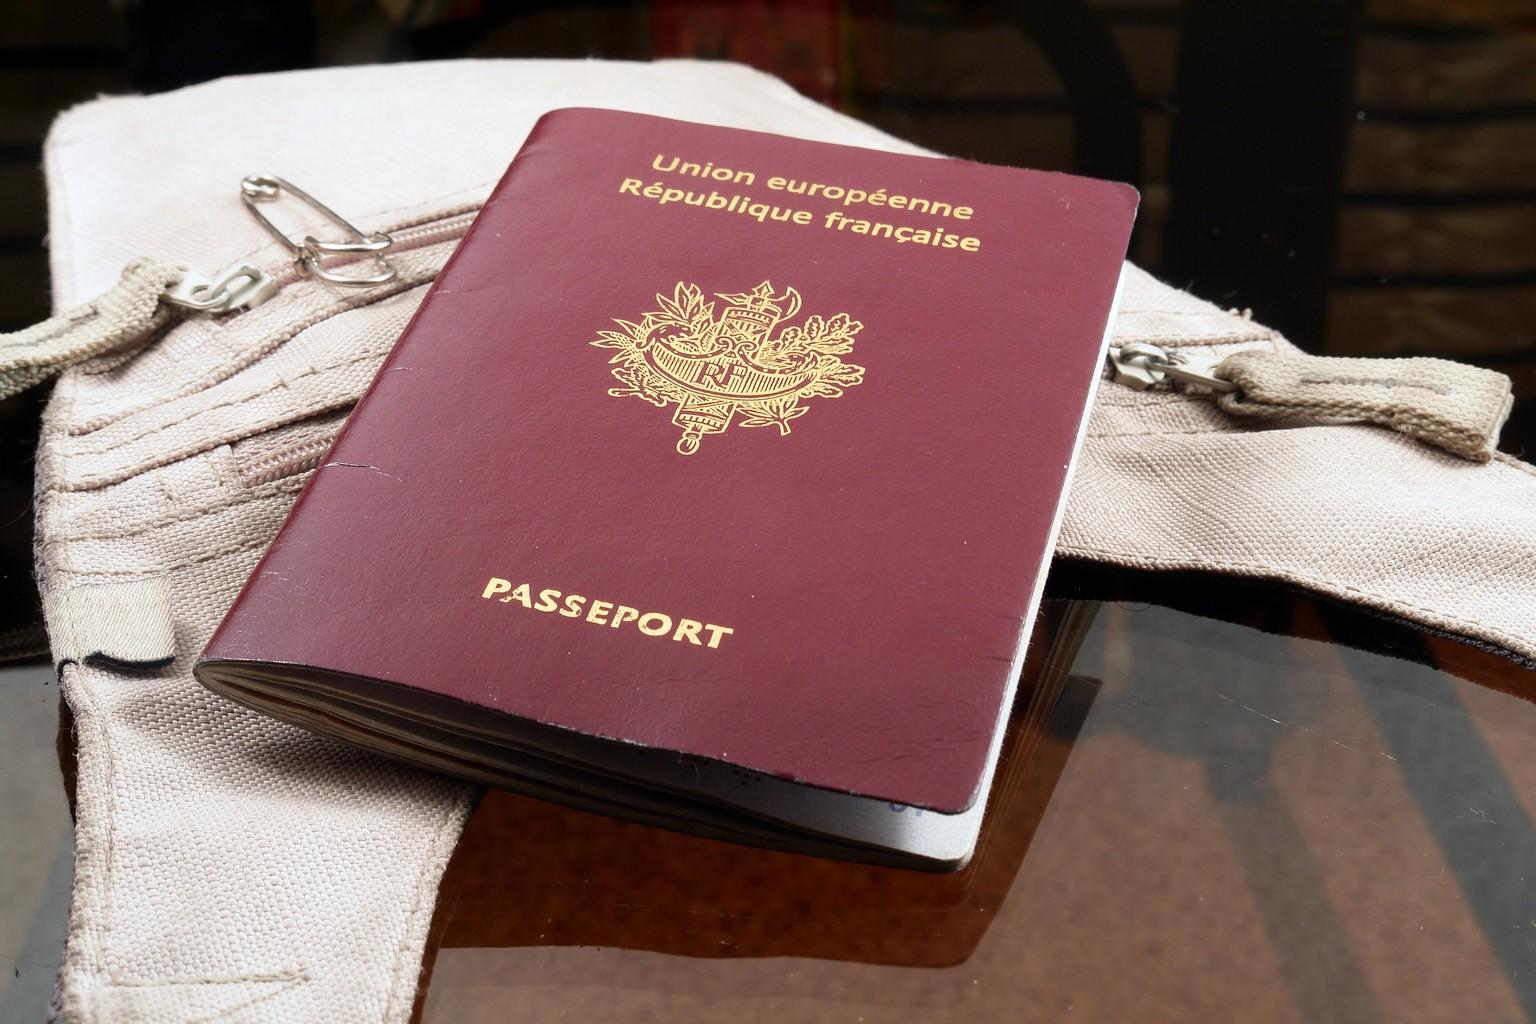 comment obtenir rapidement son passeport